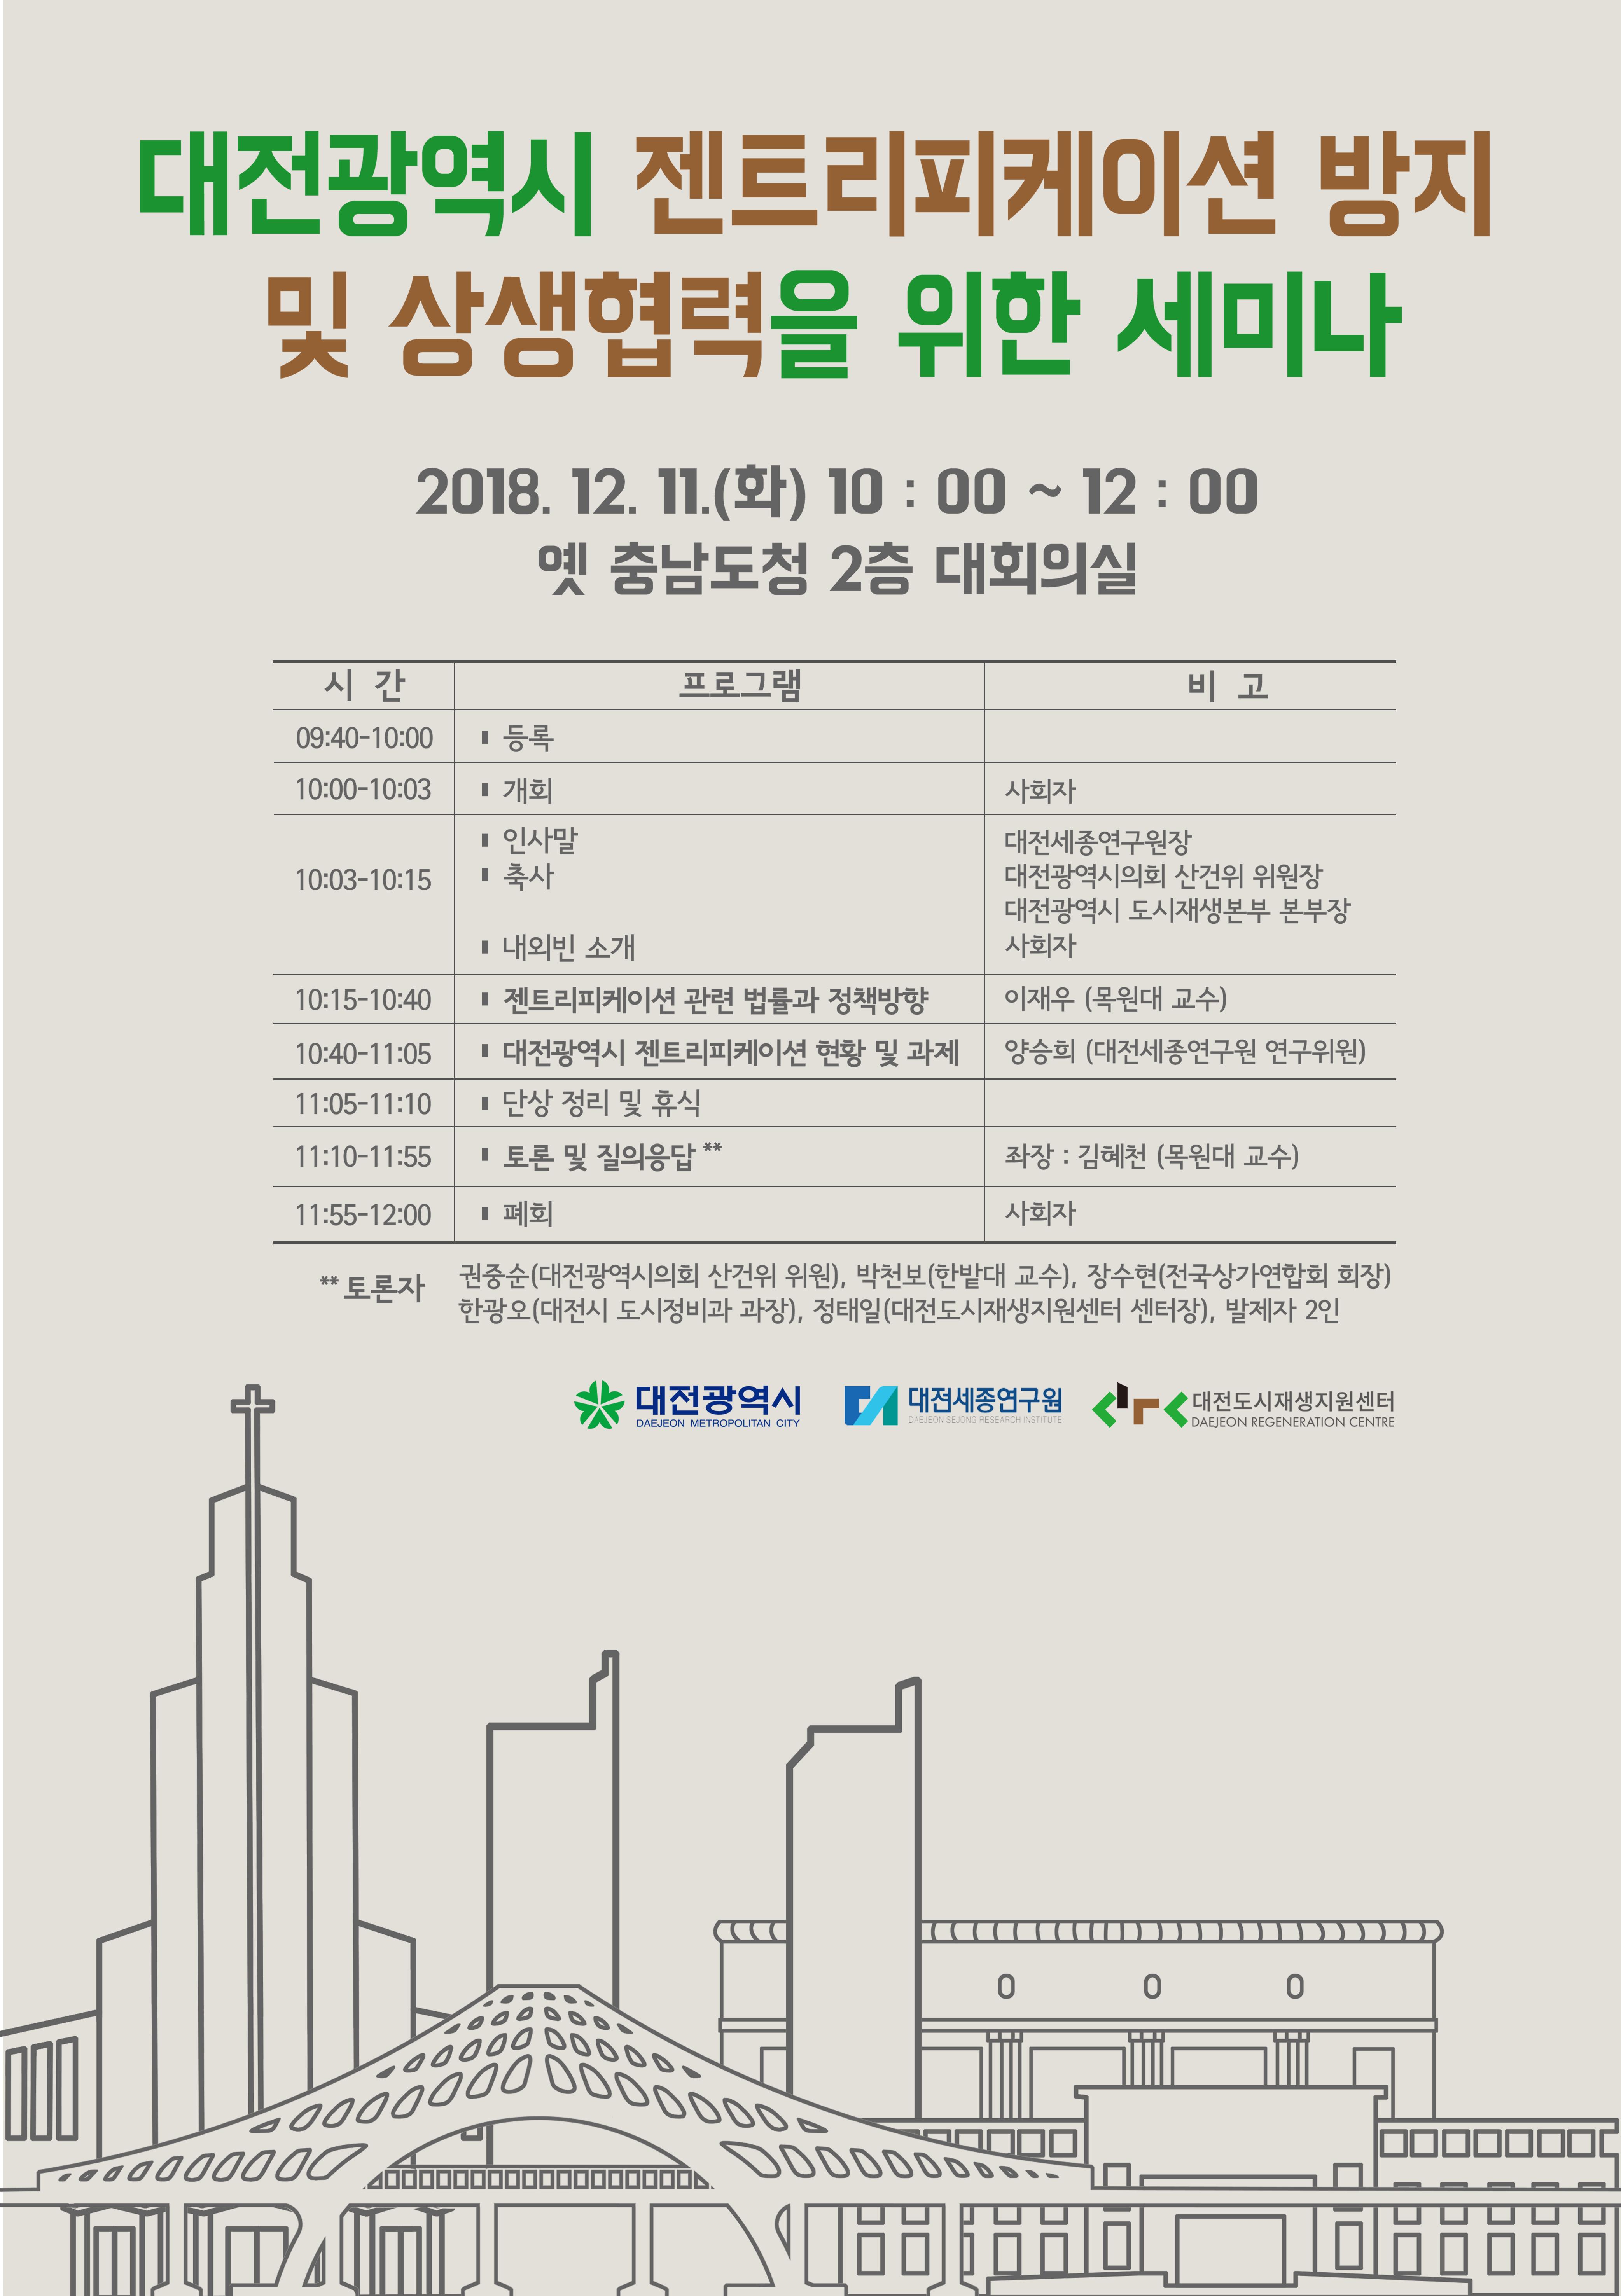 대전광역시 젠트리피케이션 방지 및 상생협력을 위한 세미나_포스터.png